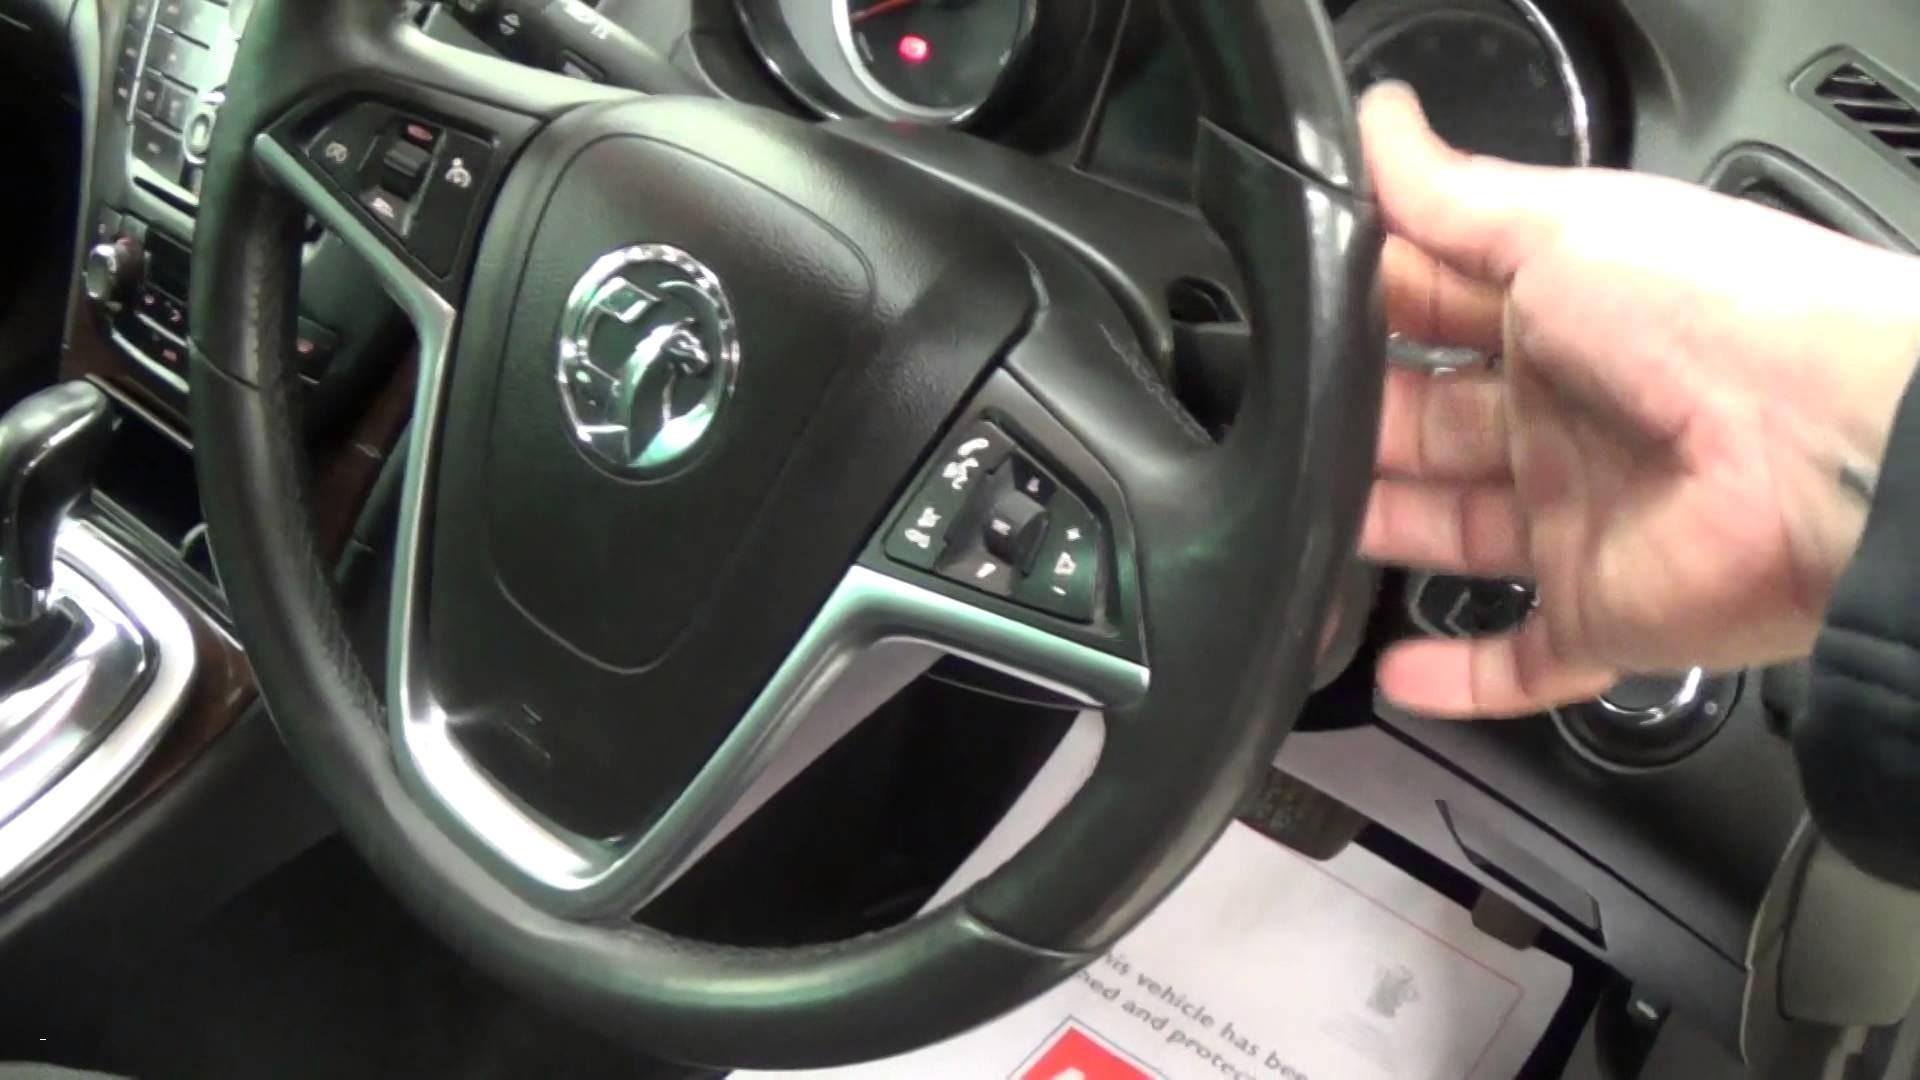 Diagram Of Car Wheel Automotive Car Wiring Diagram Save Car Diagram Best Car Parts and Of Diagram Of Car Wheel